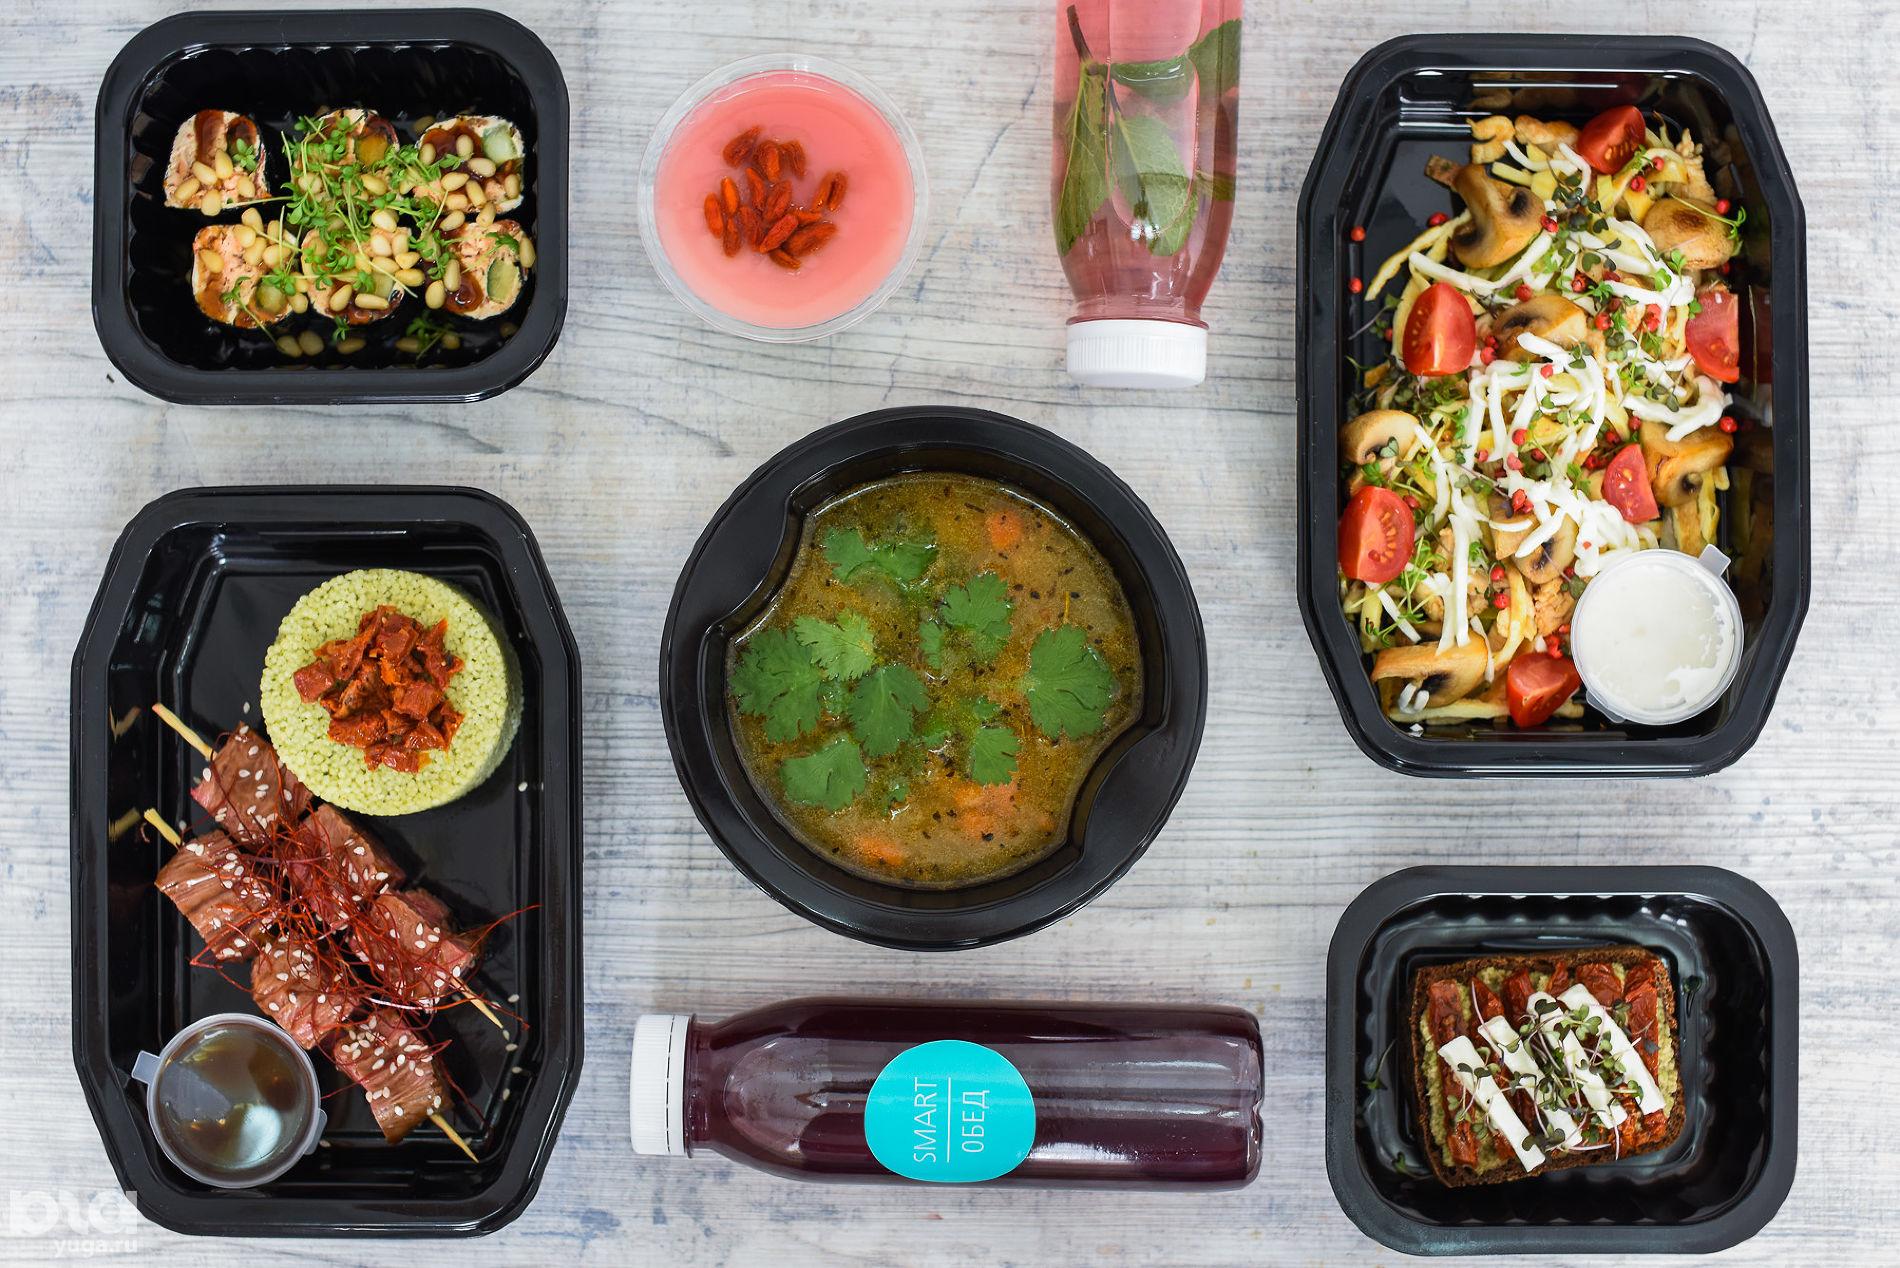 Меню сбалансированного питания на день от Smart Food © Фото Елены Синеок, Юга.ру